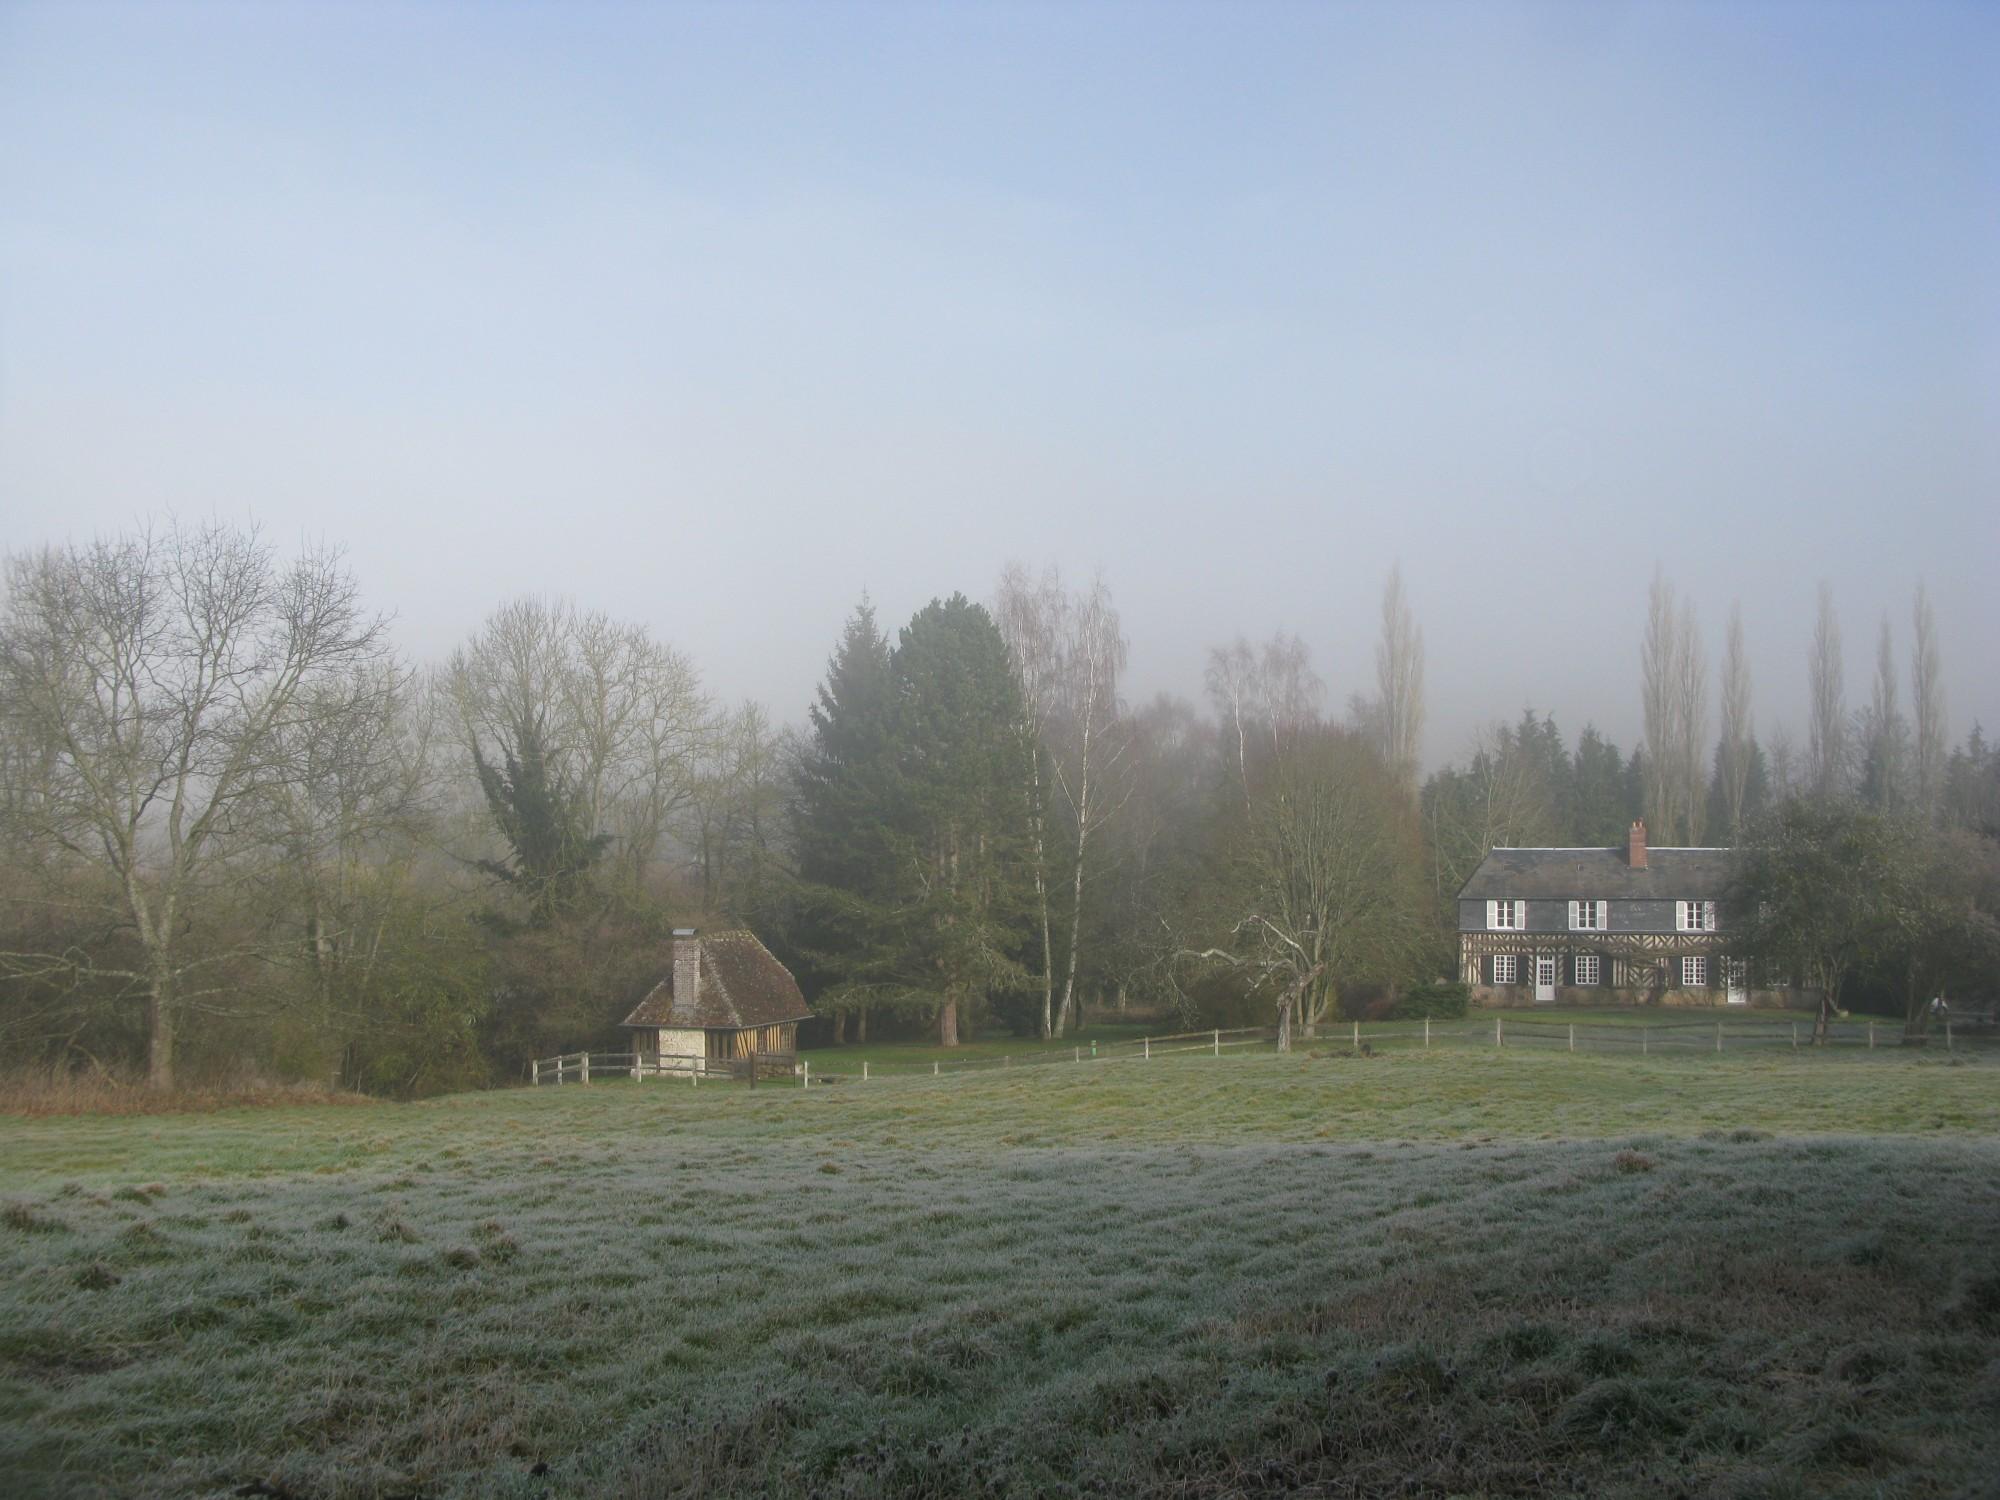 maison normande r gion de lisieux calvados 14 terres et demeures de normandie. Black Bedroom Furniture Sets. Home Design Ideas